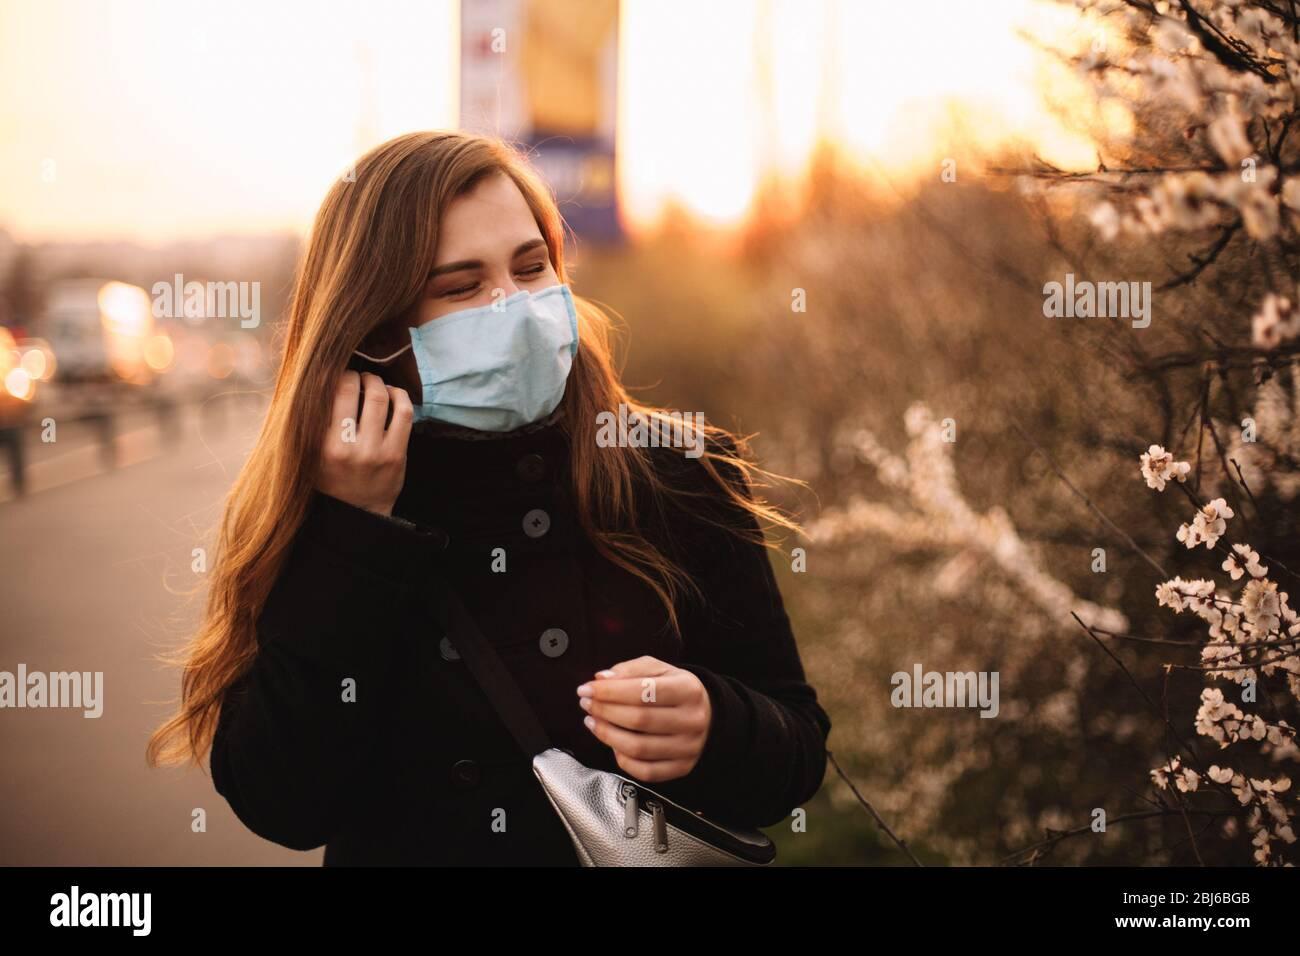 Glückliche junge Frau, die auf Gesicht medizinische Maske während des Stehens auf der Straße in der Stadt während Sonnenuntergang im Frühling setzt Stockfoto